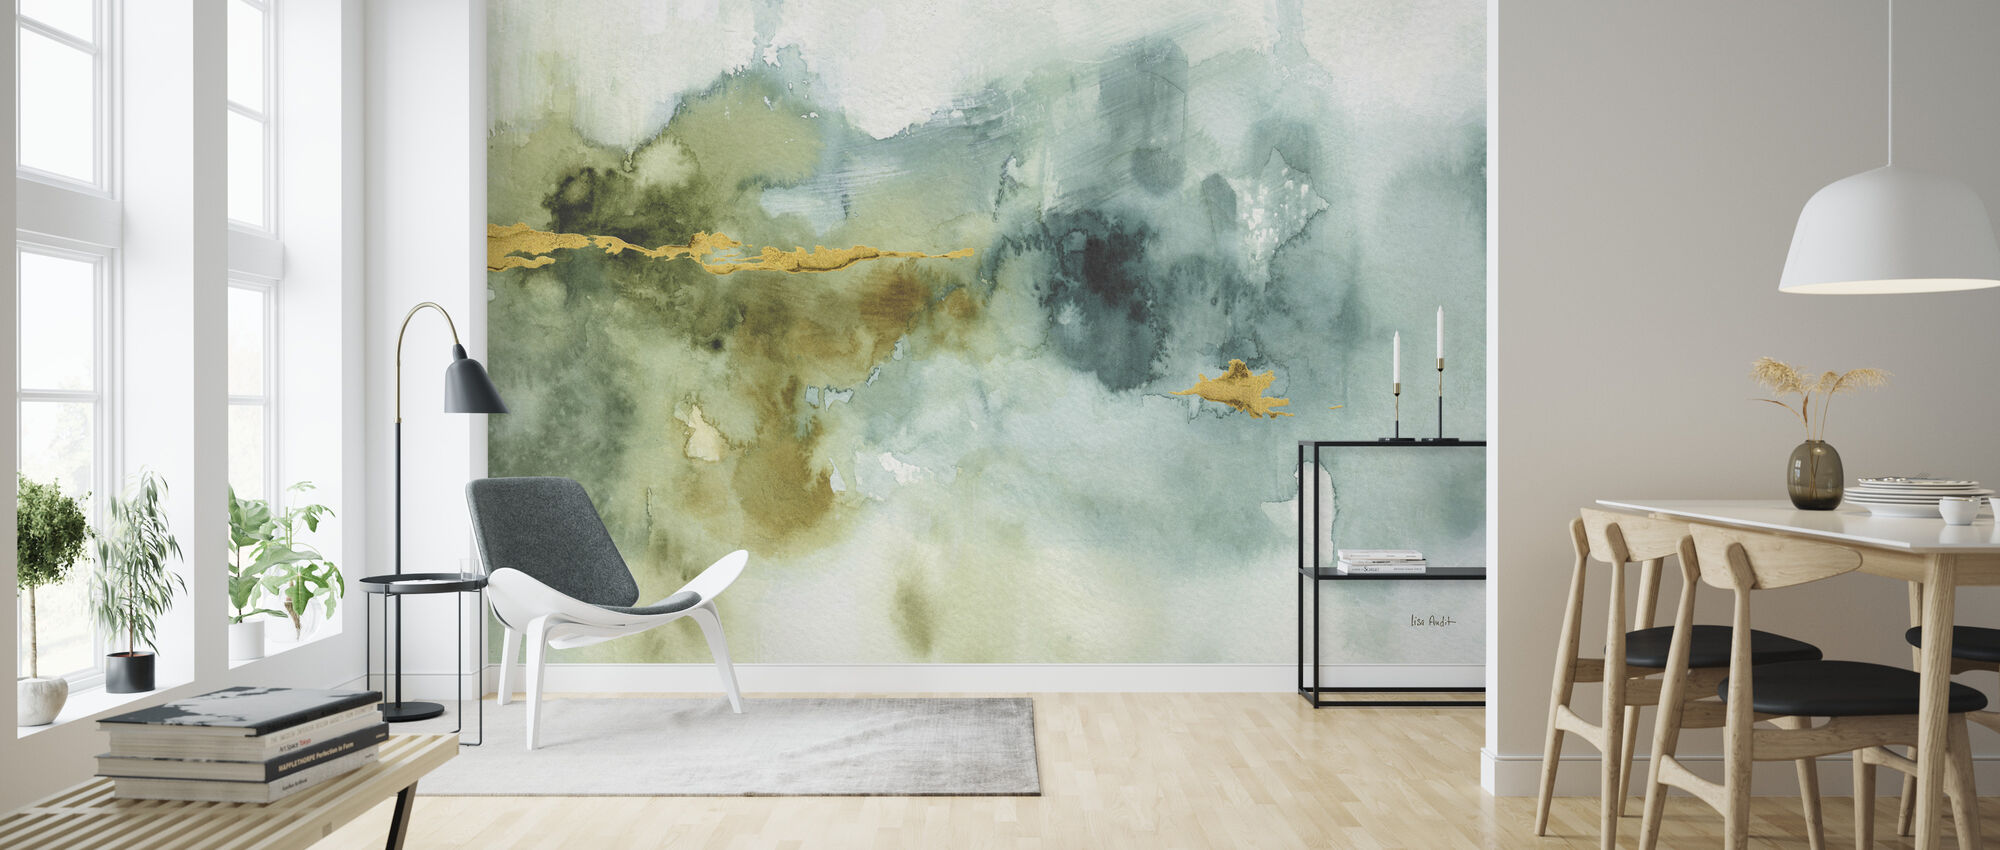 Mein Gewächshaus Aquarell 4 - Tapete - Wohnzimmer